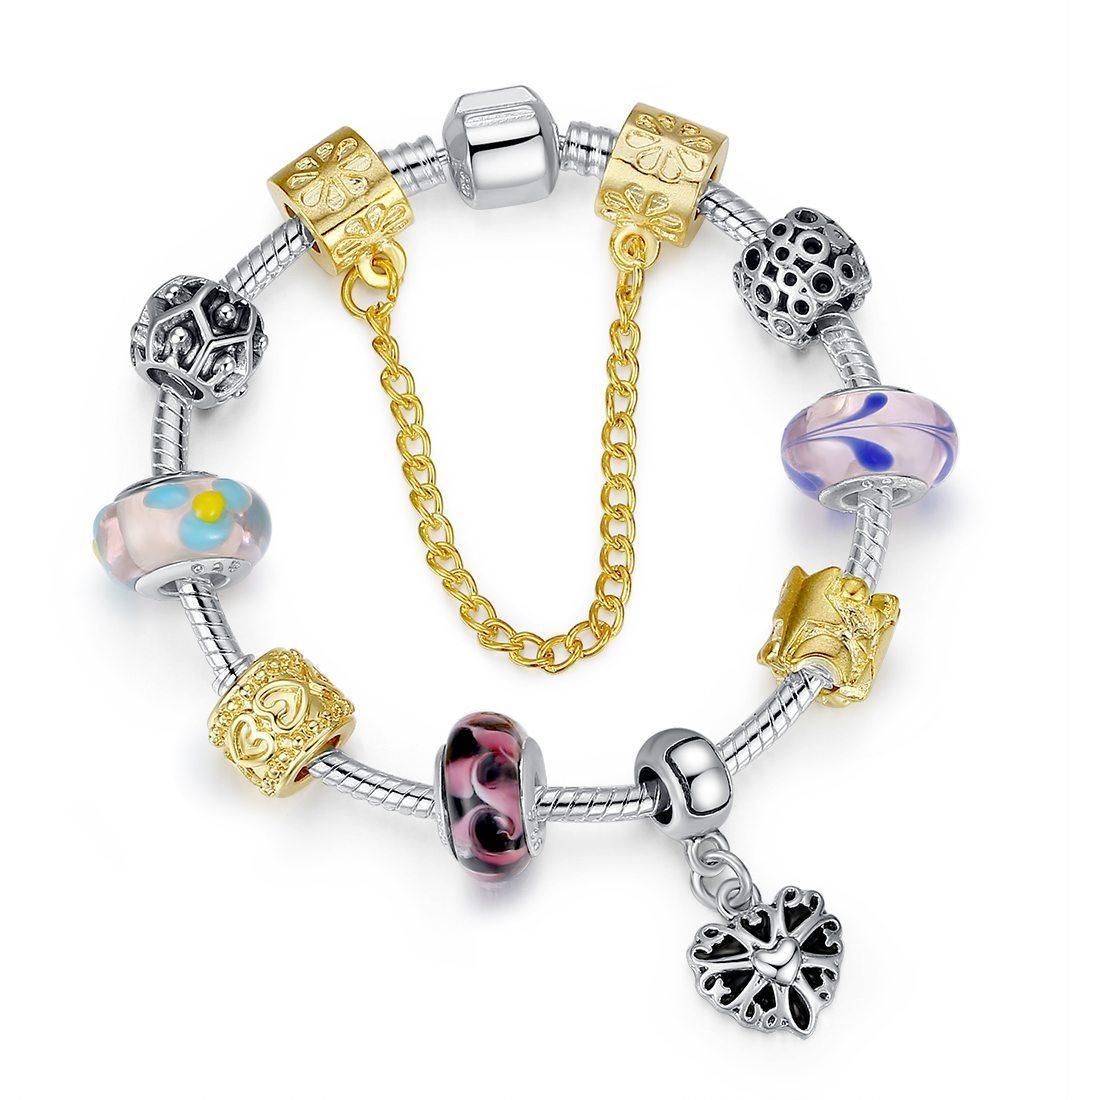 Heart of gold charm bracelet